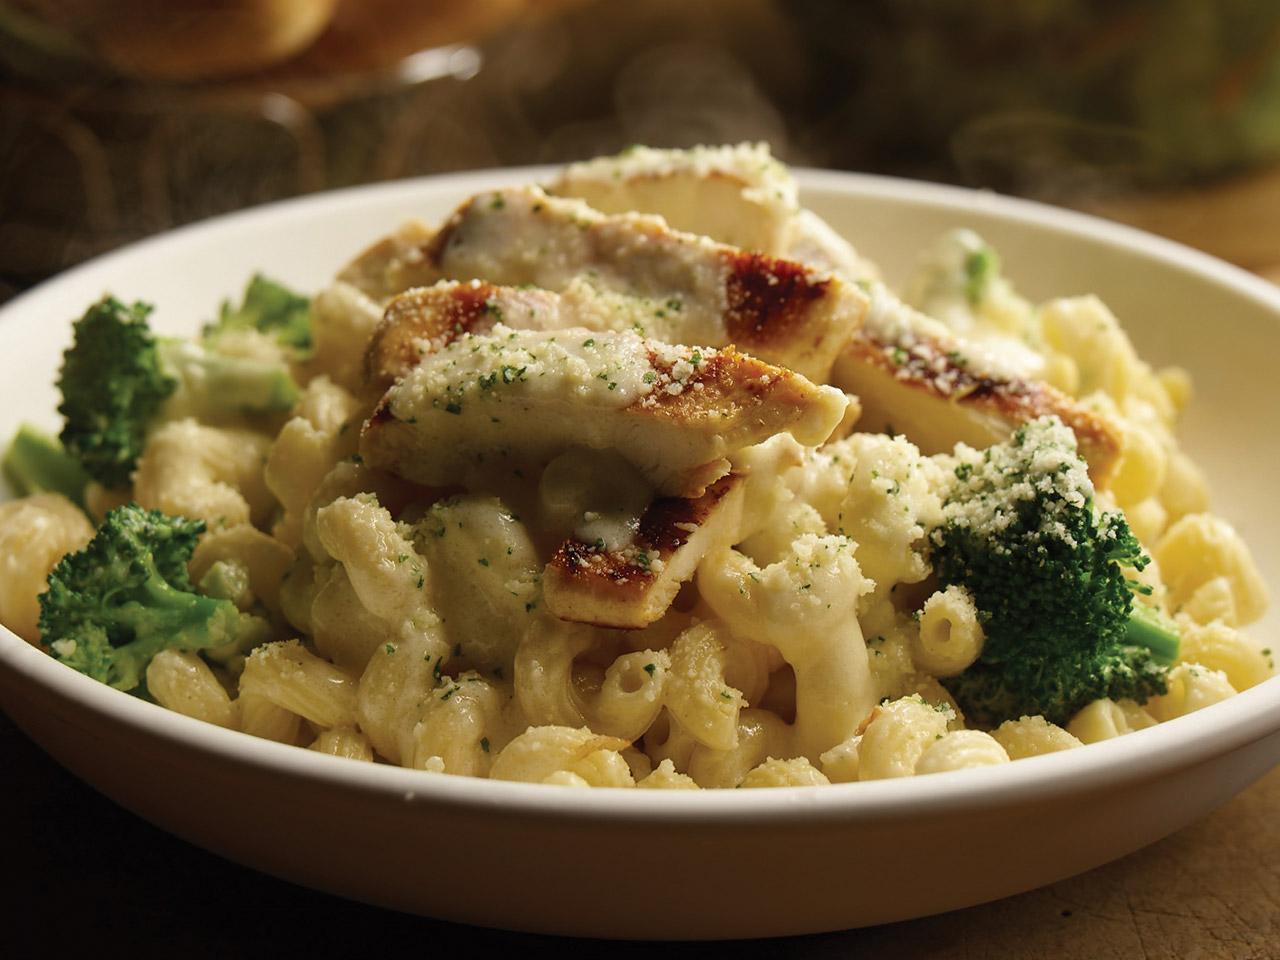 olive garden italian restaurant 1067 vann dr jackson tn 38305 ypcom - Olive Garden Jackson Tn